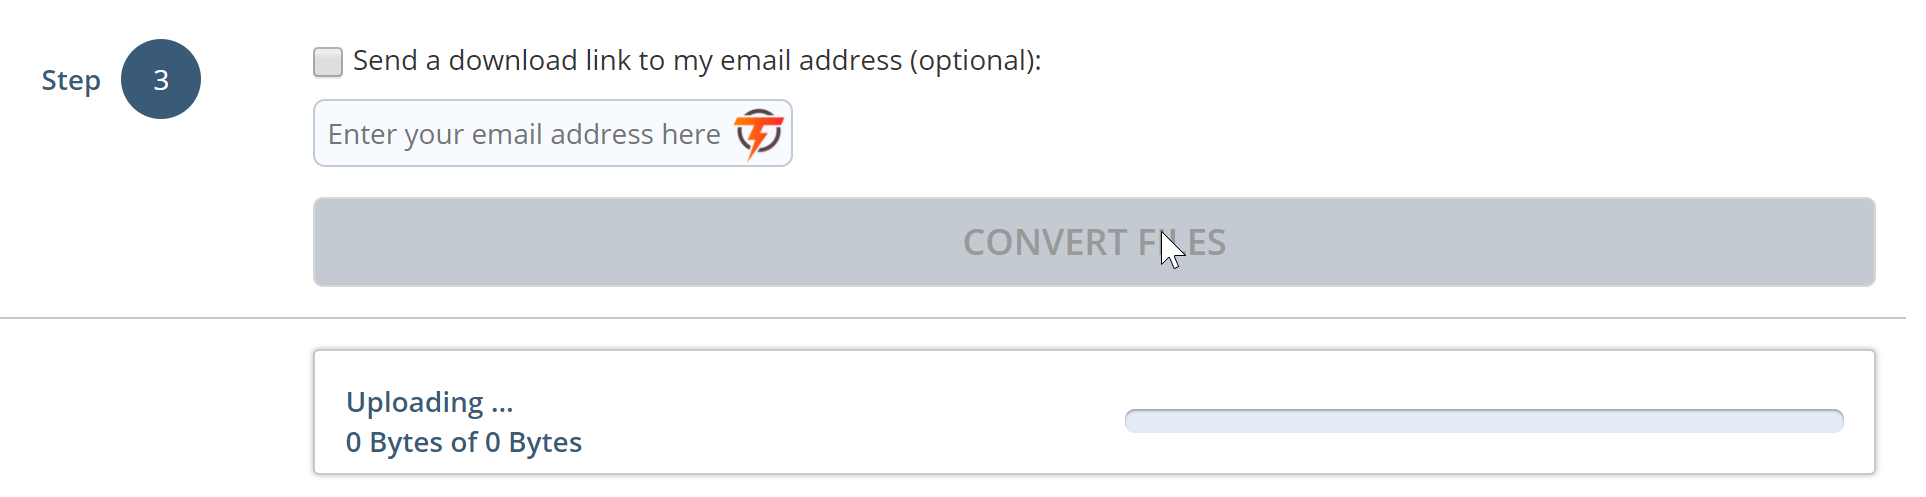 Процесс конвертации файлов